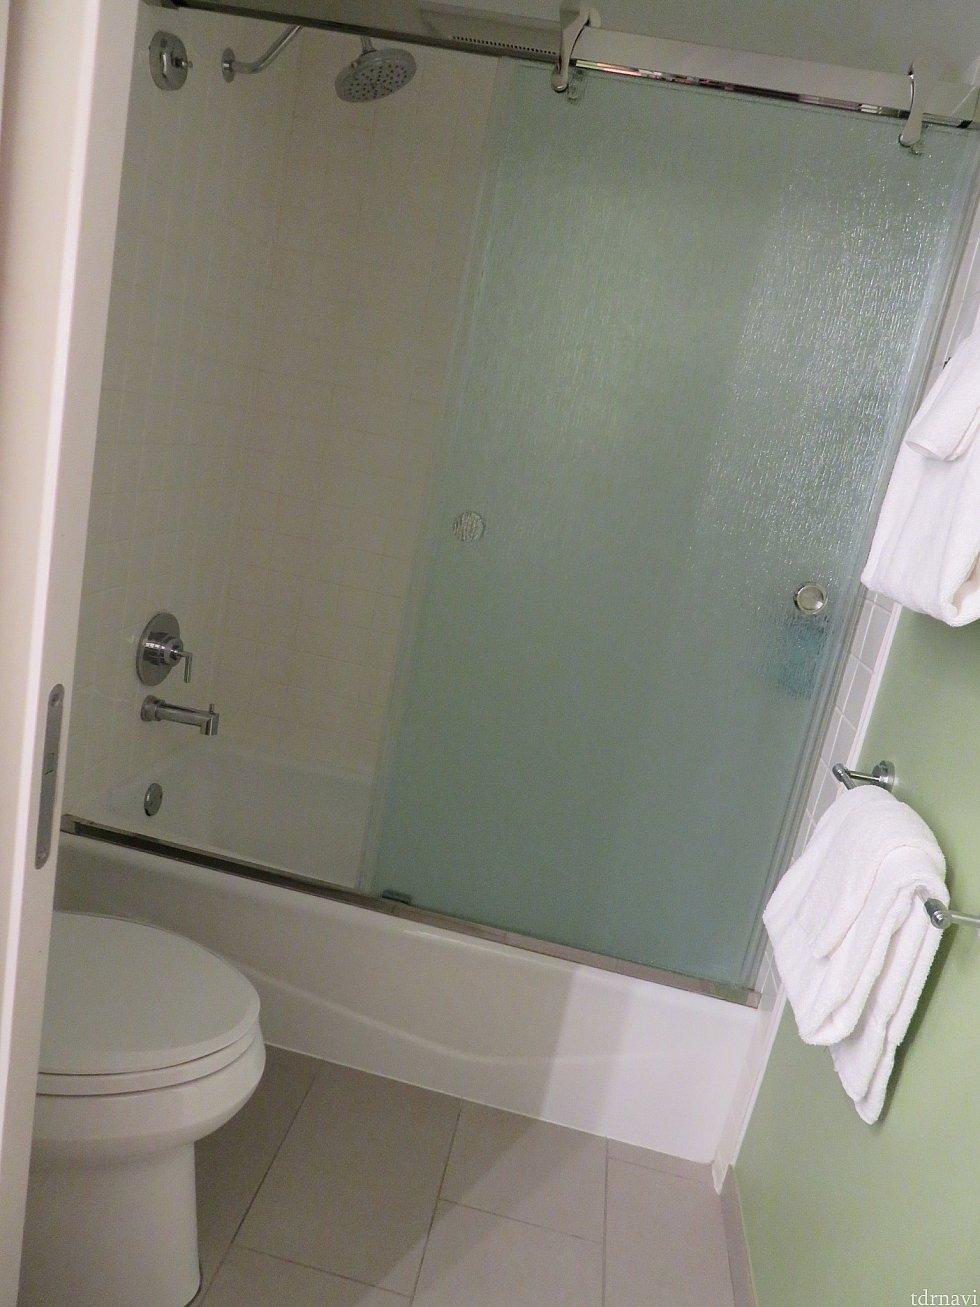 シャワーカーテンがガラスの引き戸になり衛生的